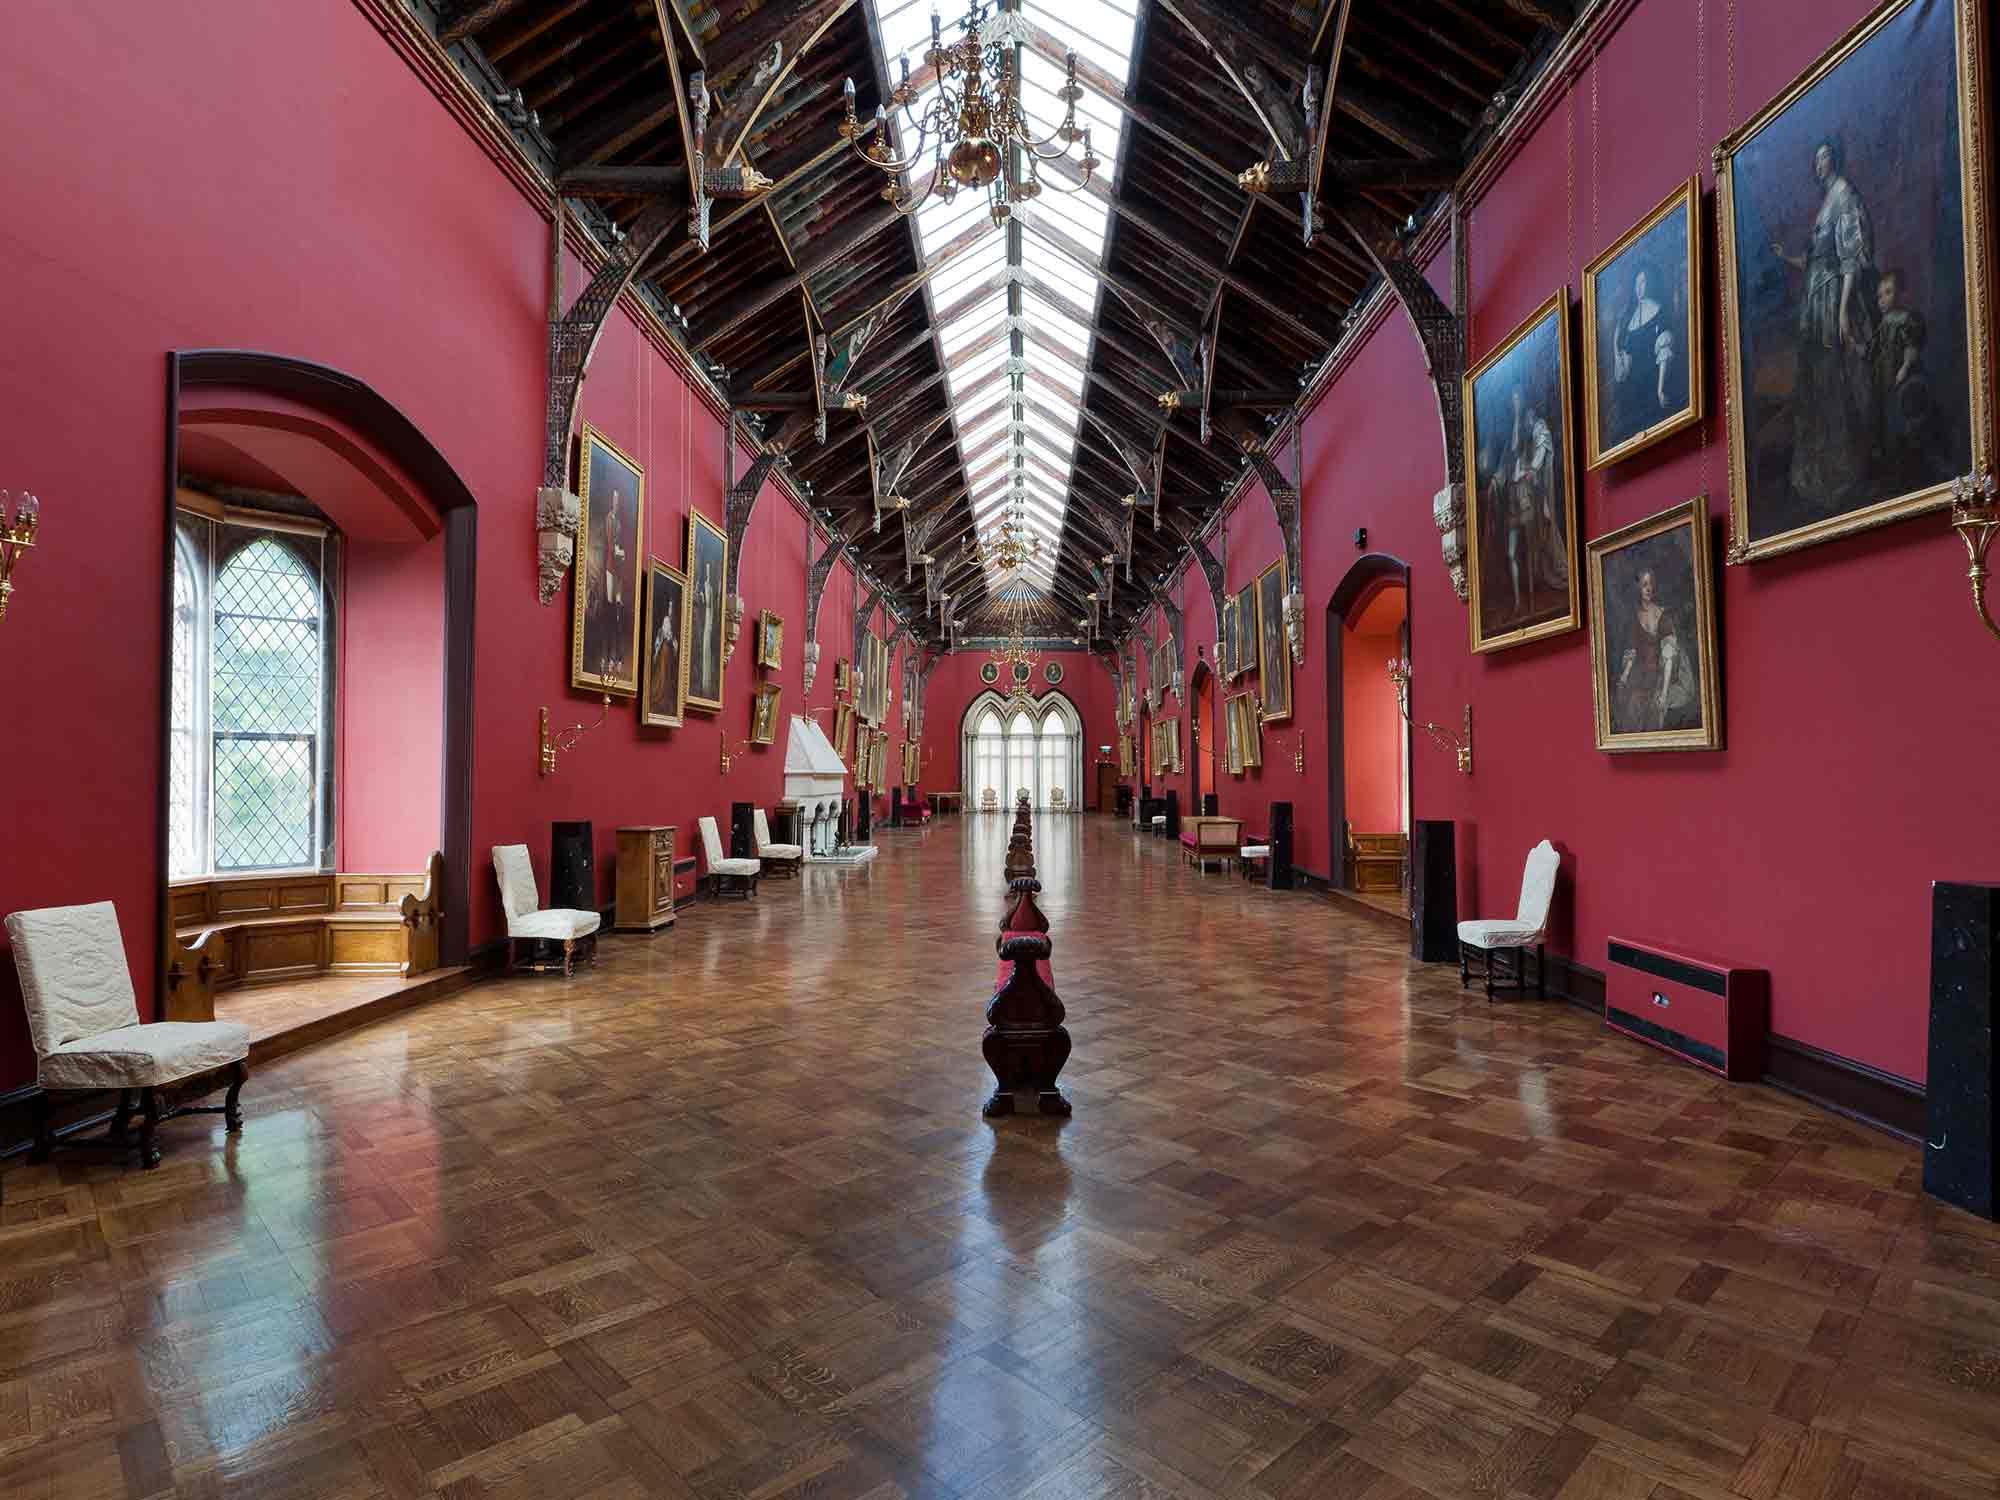 The Long Gallery, Kilkenny Castle